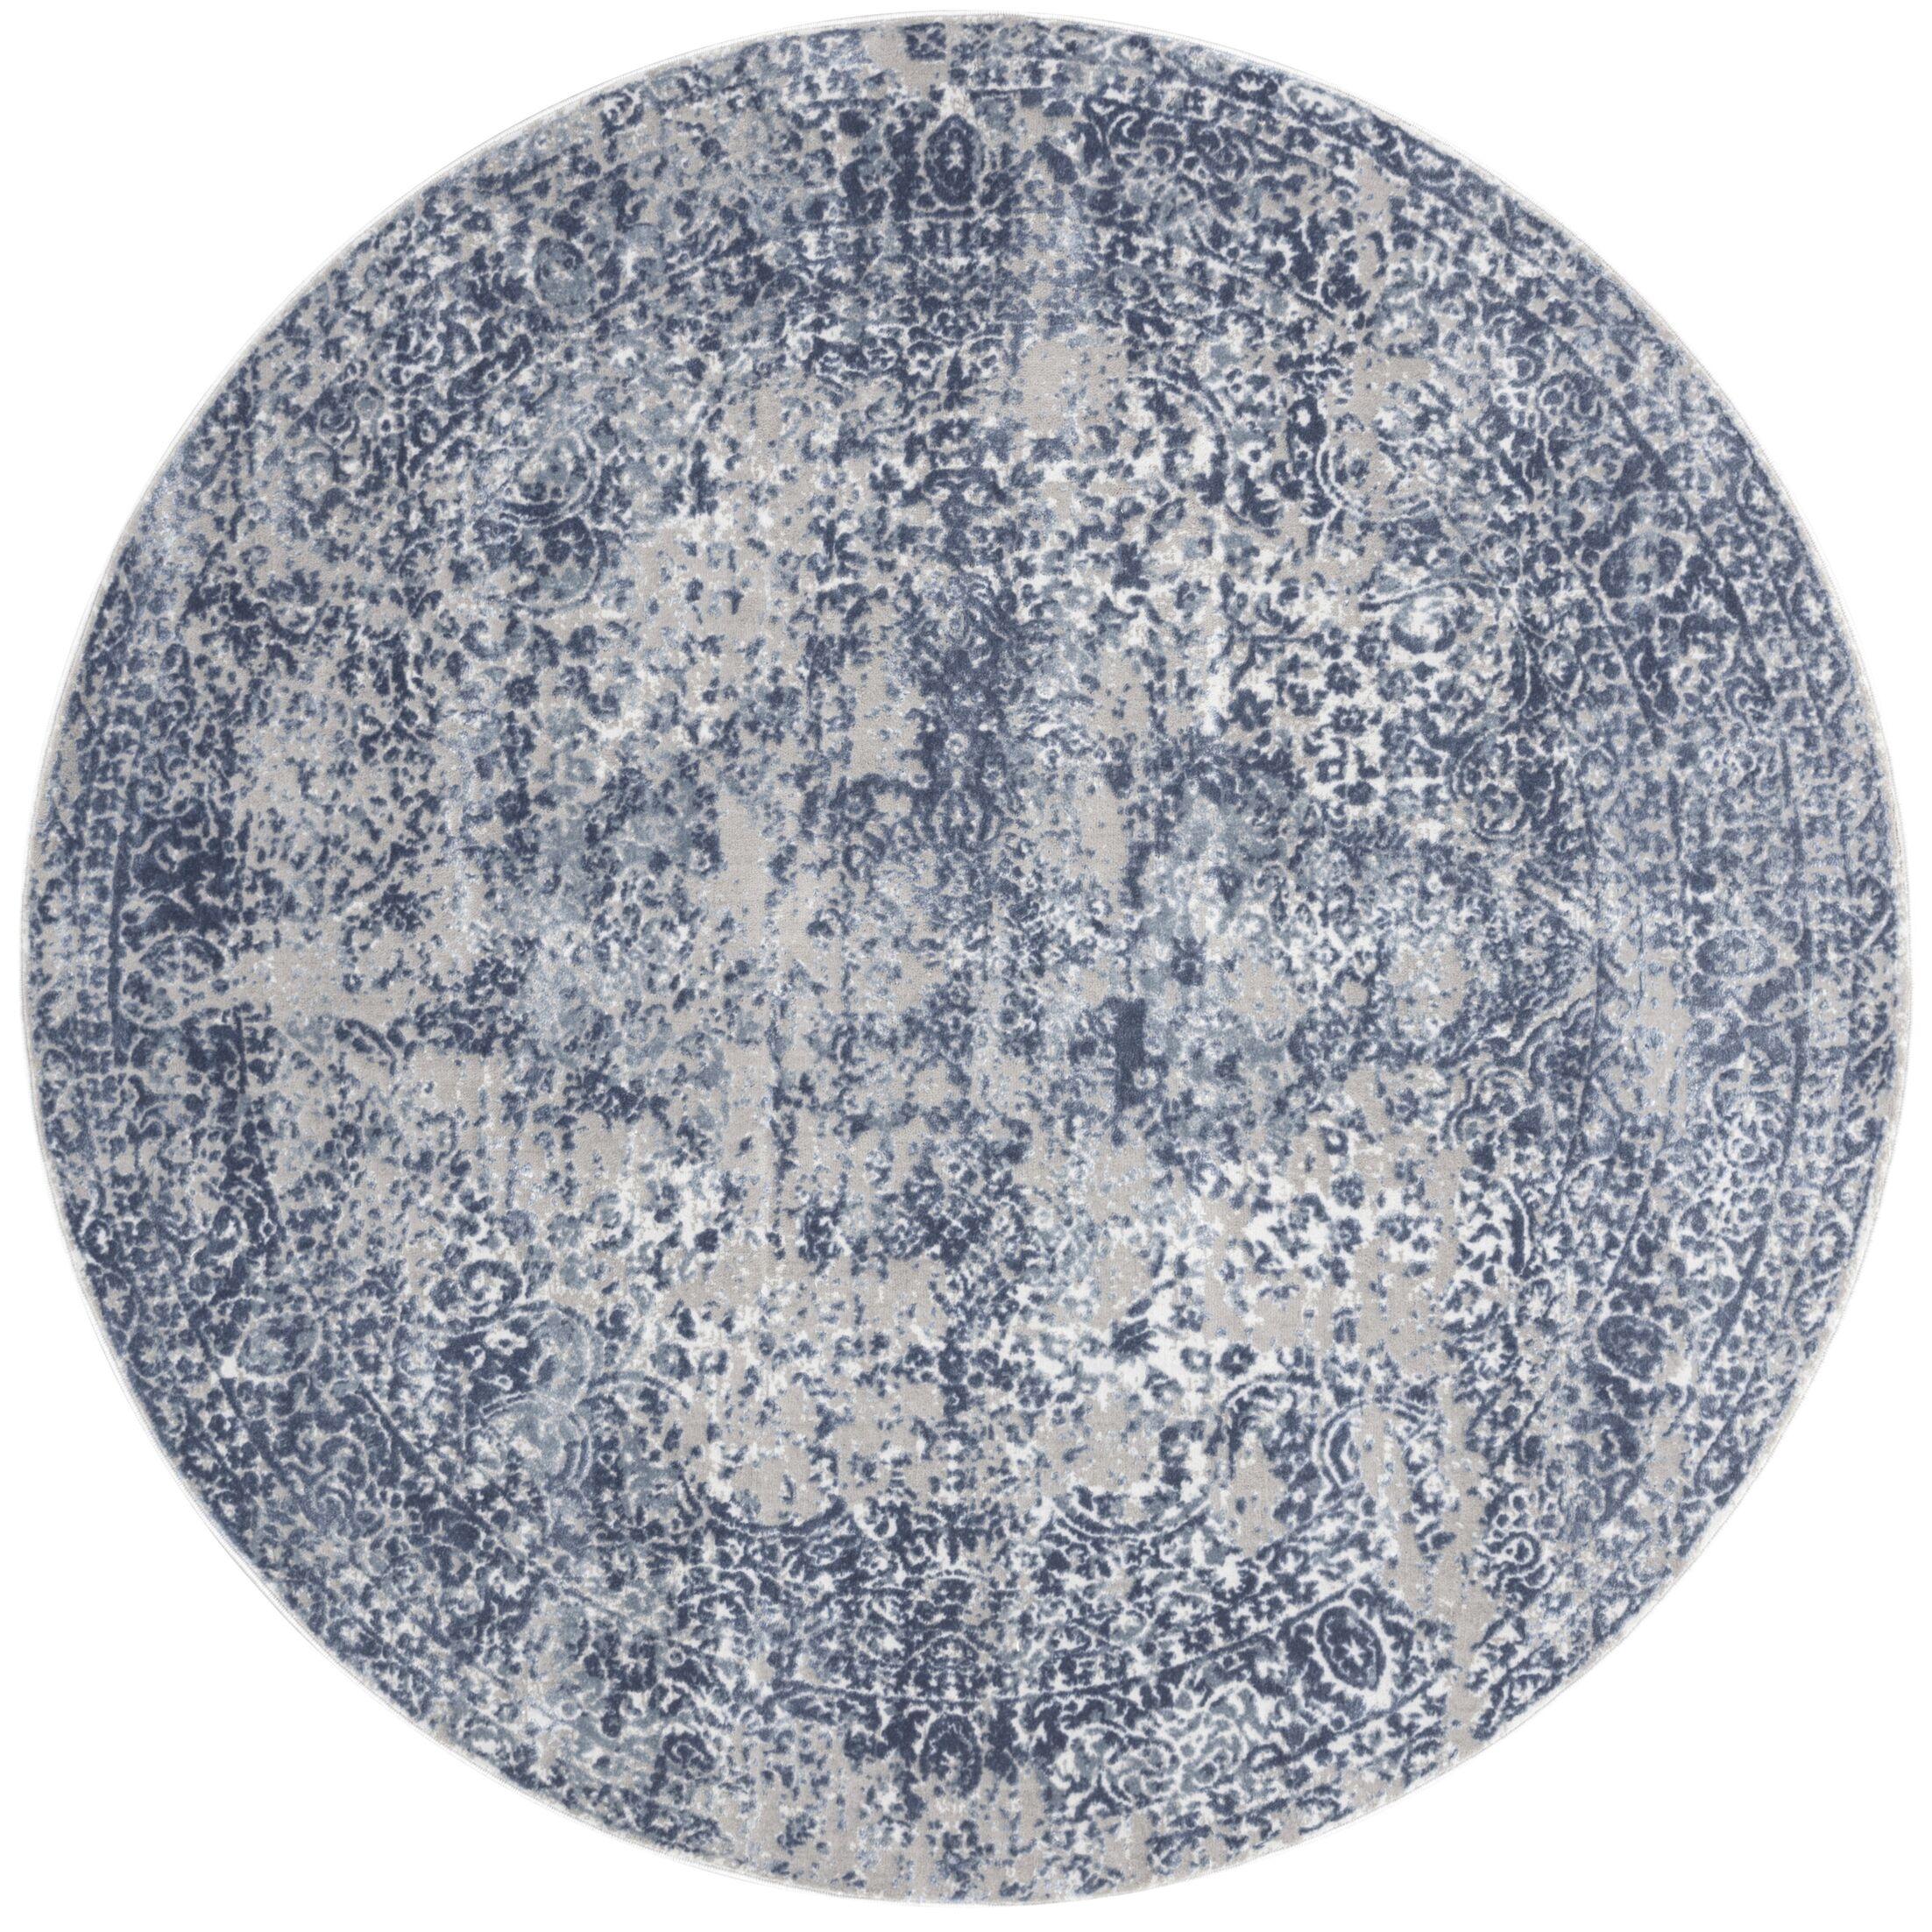 Jent Blue/Stone Area Rug Rug Size: Round 7'10